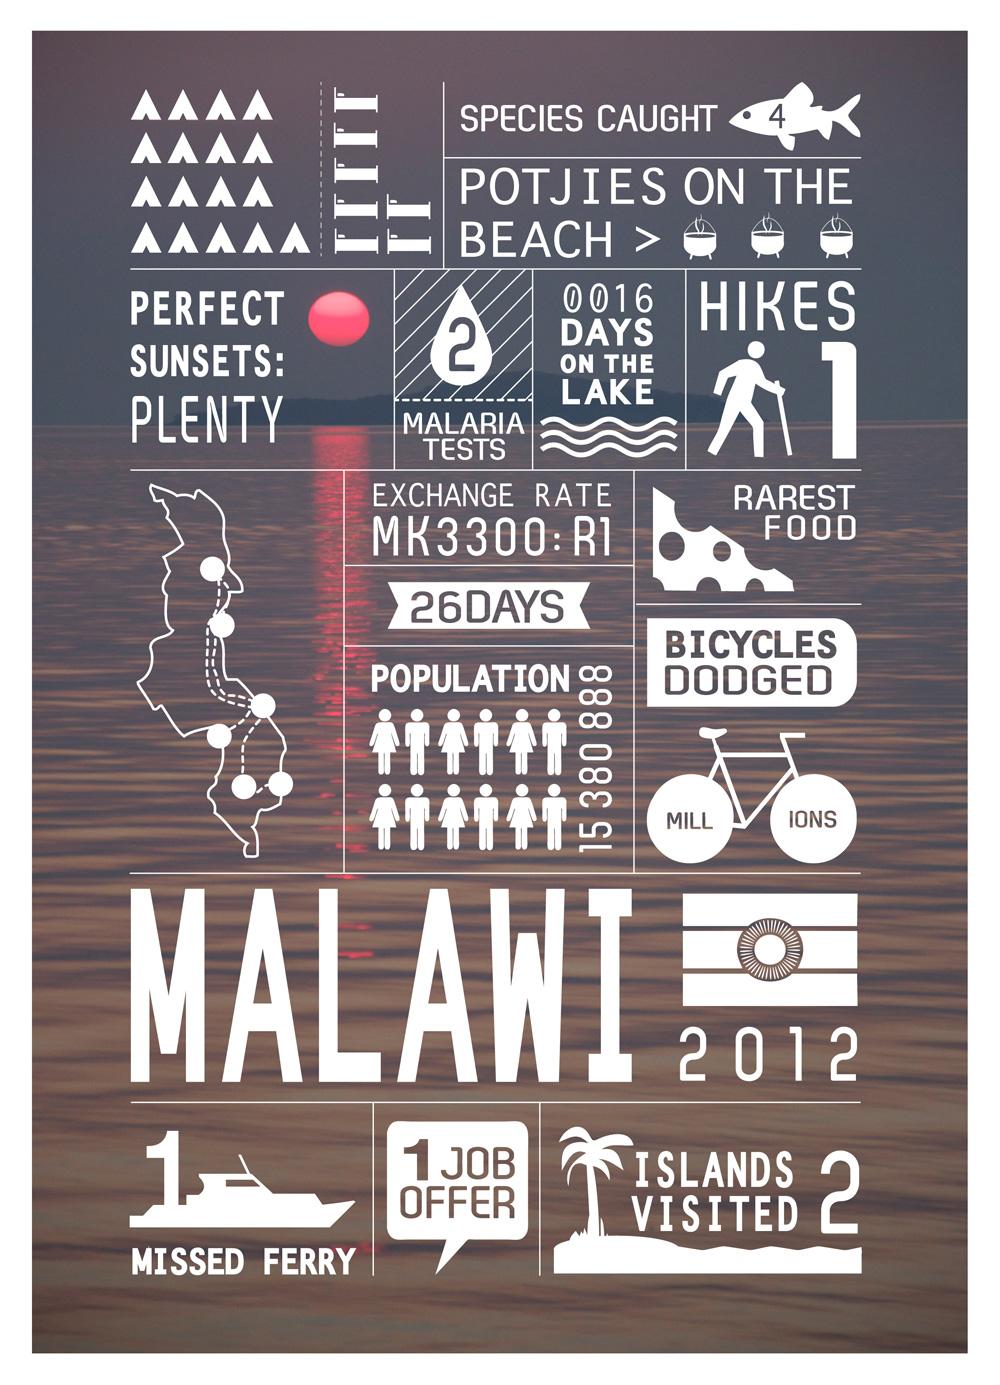 5.MALAWI